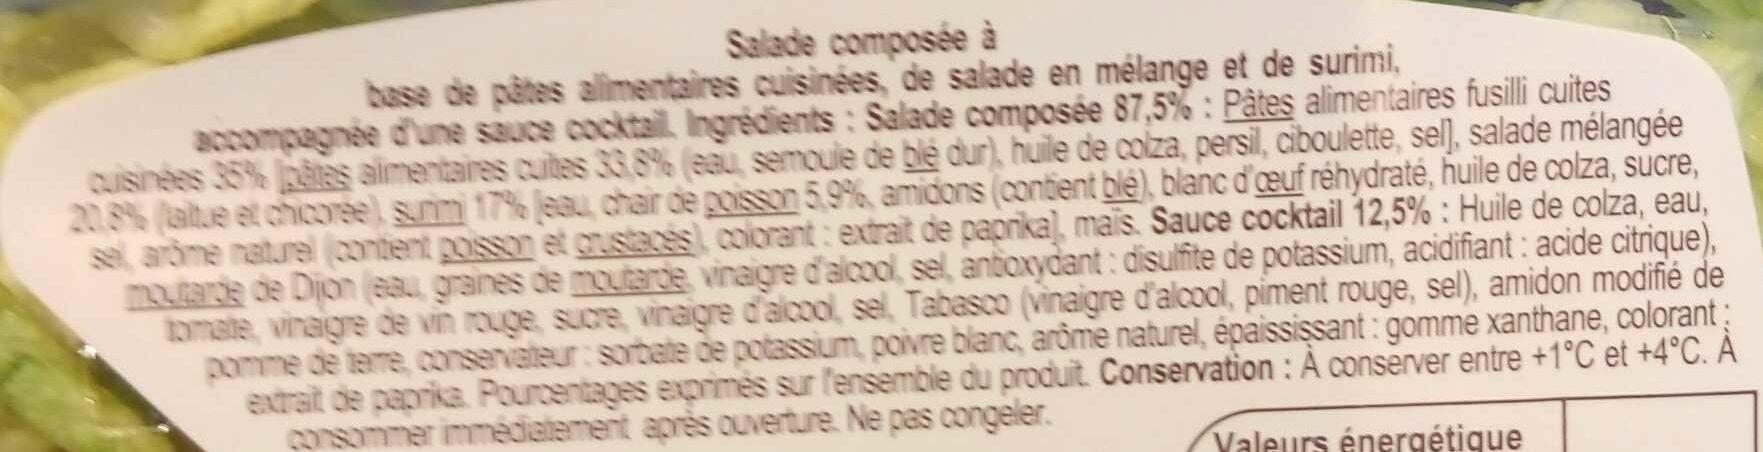 Salade Fusilli & Surimi - Ingredients